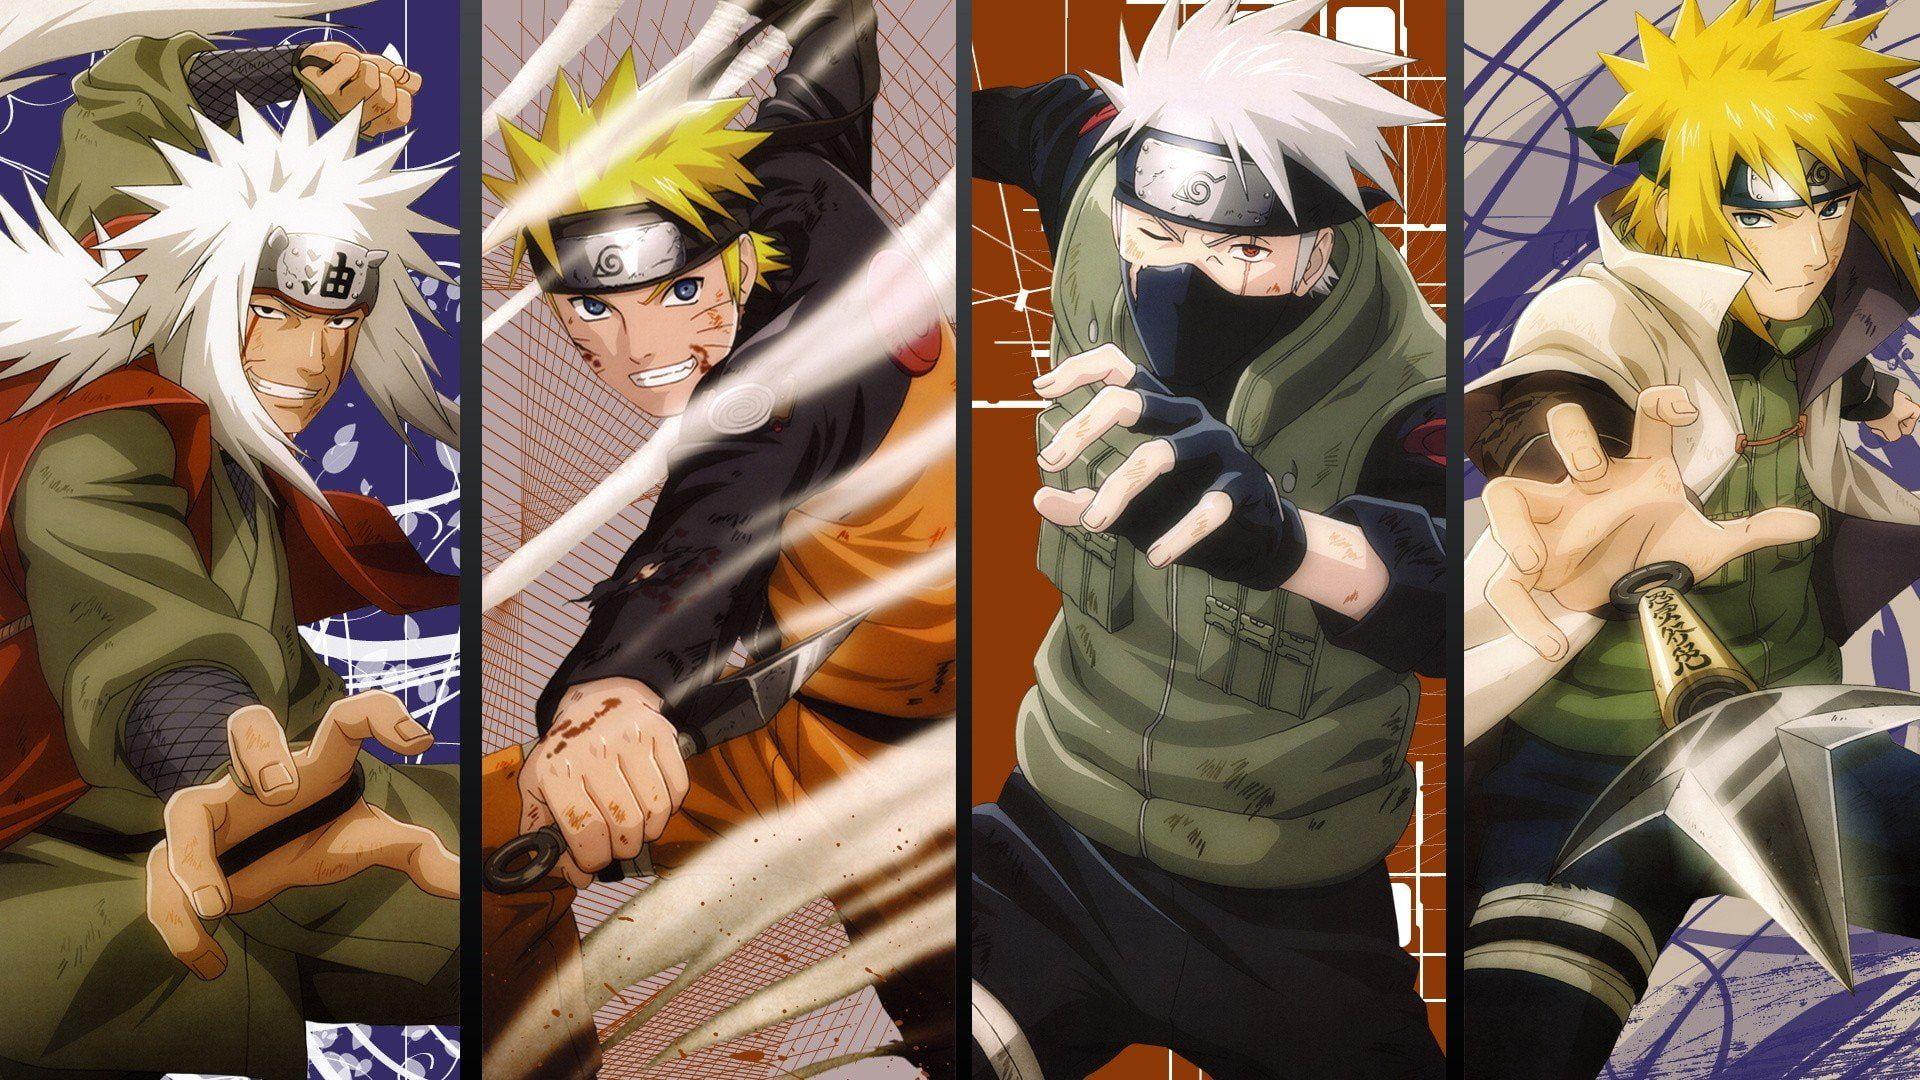 Anime Hatake Jiraiya Kakashi Kunai Minato Namikaze Naruto Shippuden Uzumaki 1080 Naruto And Sasuke Wallpaper Naruto Wallpaper Best Naruto Wallpapers